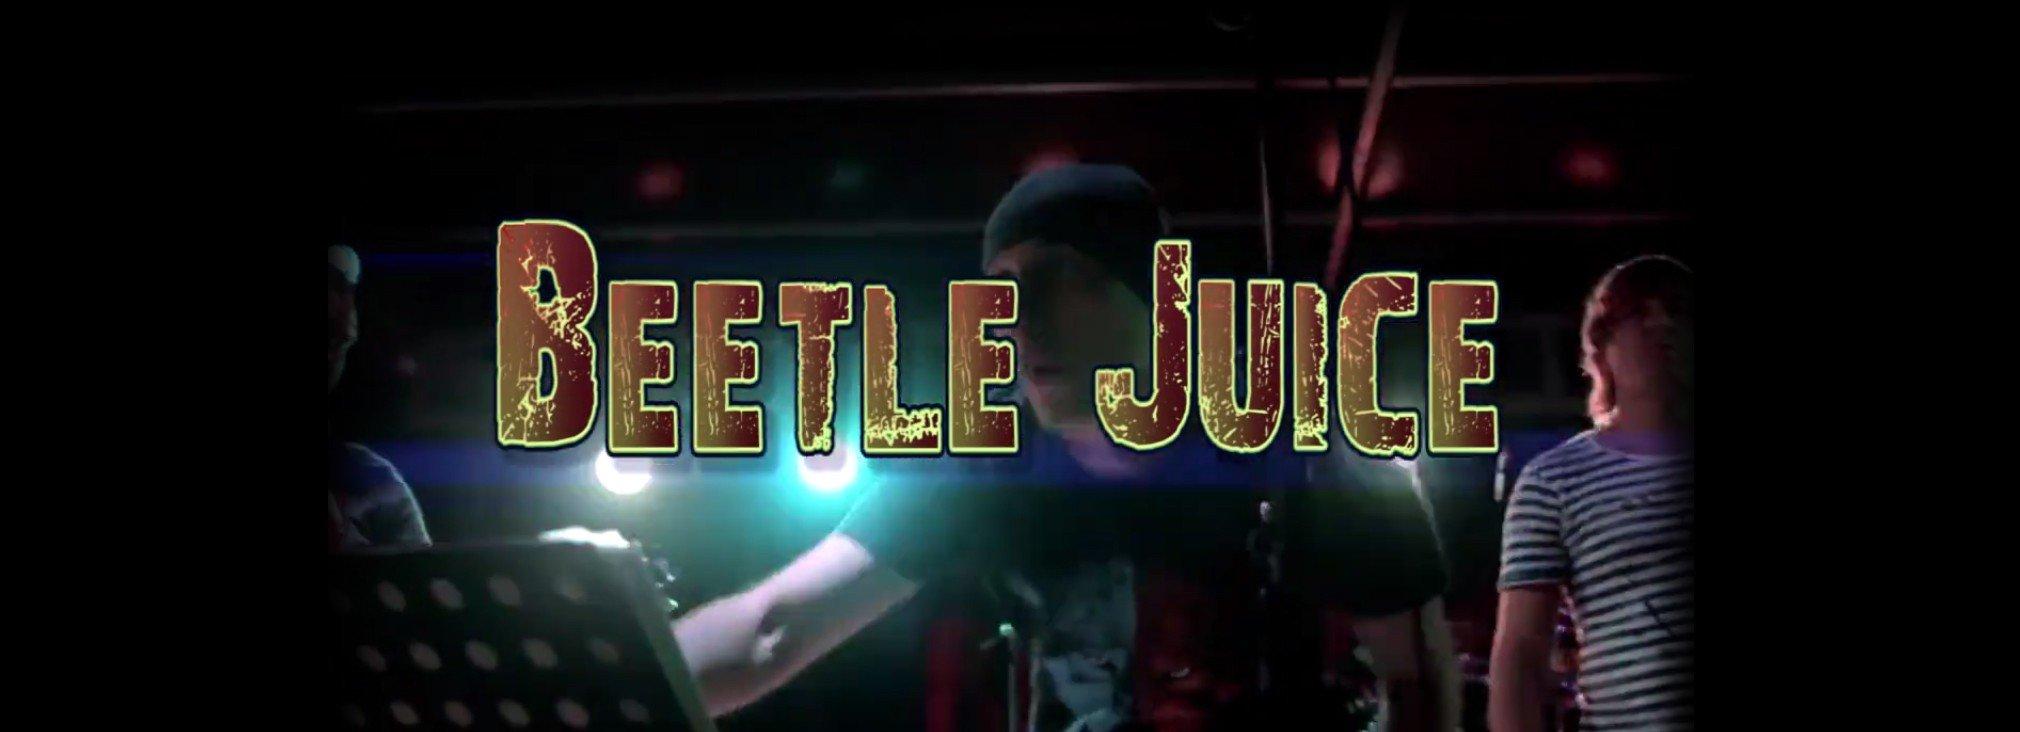 performer BEETLE JUICE